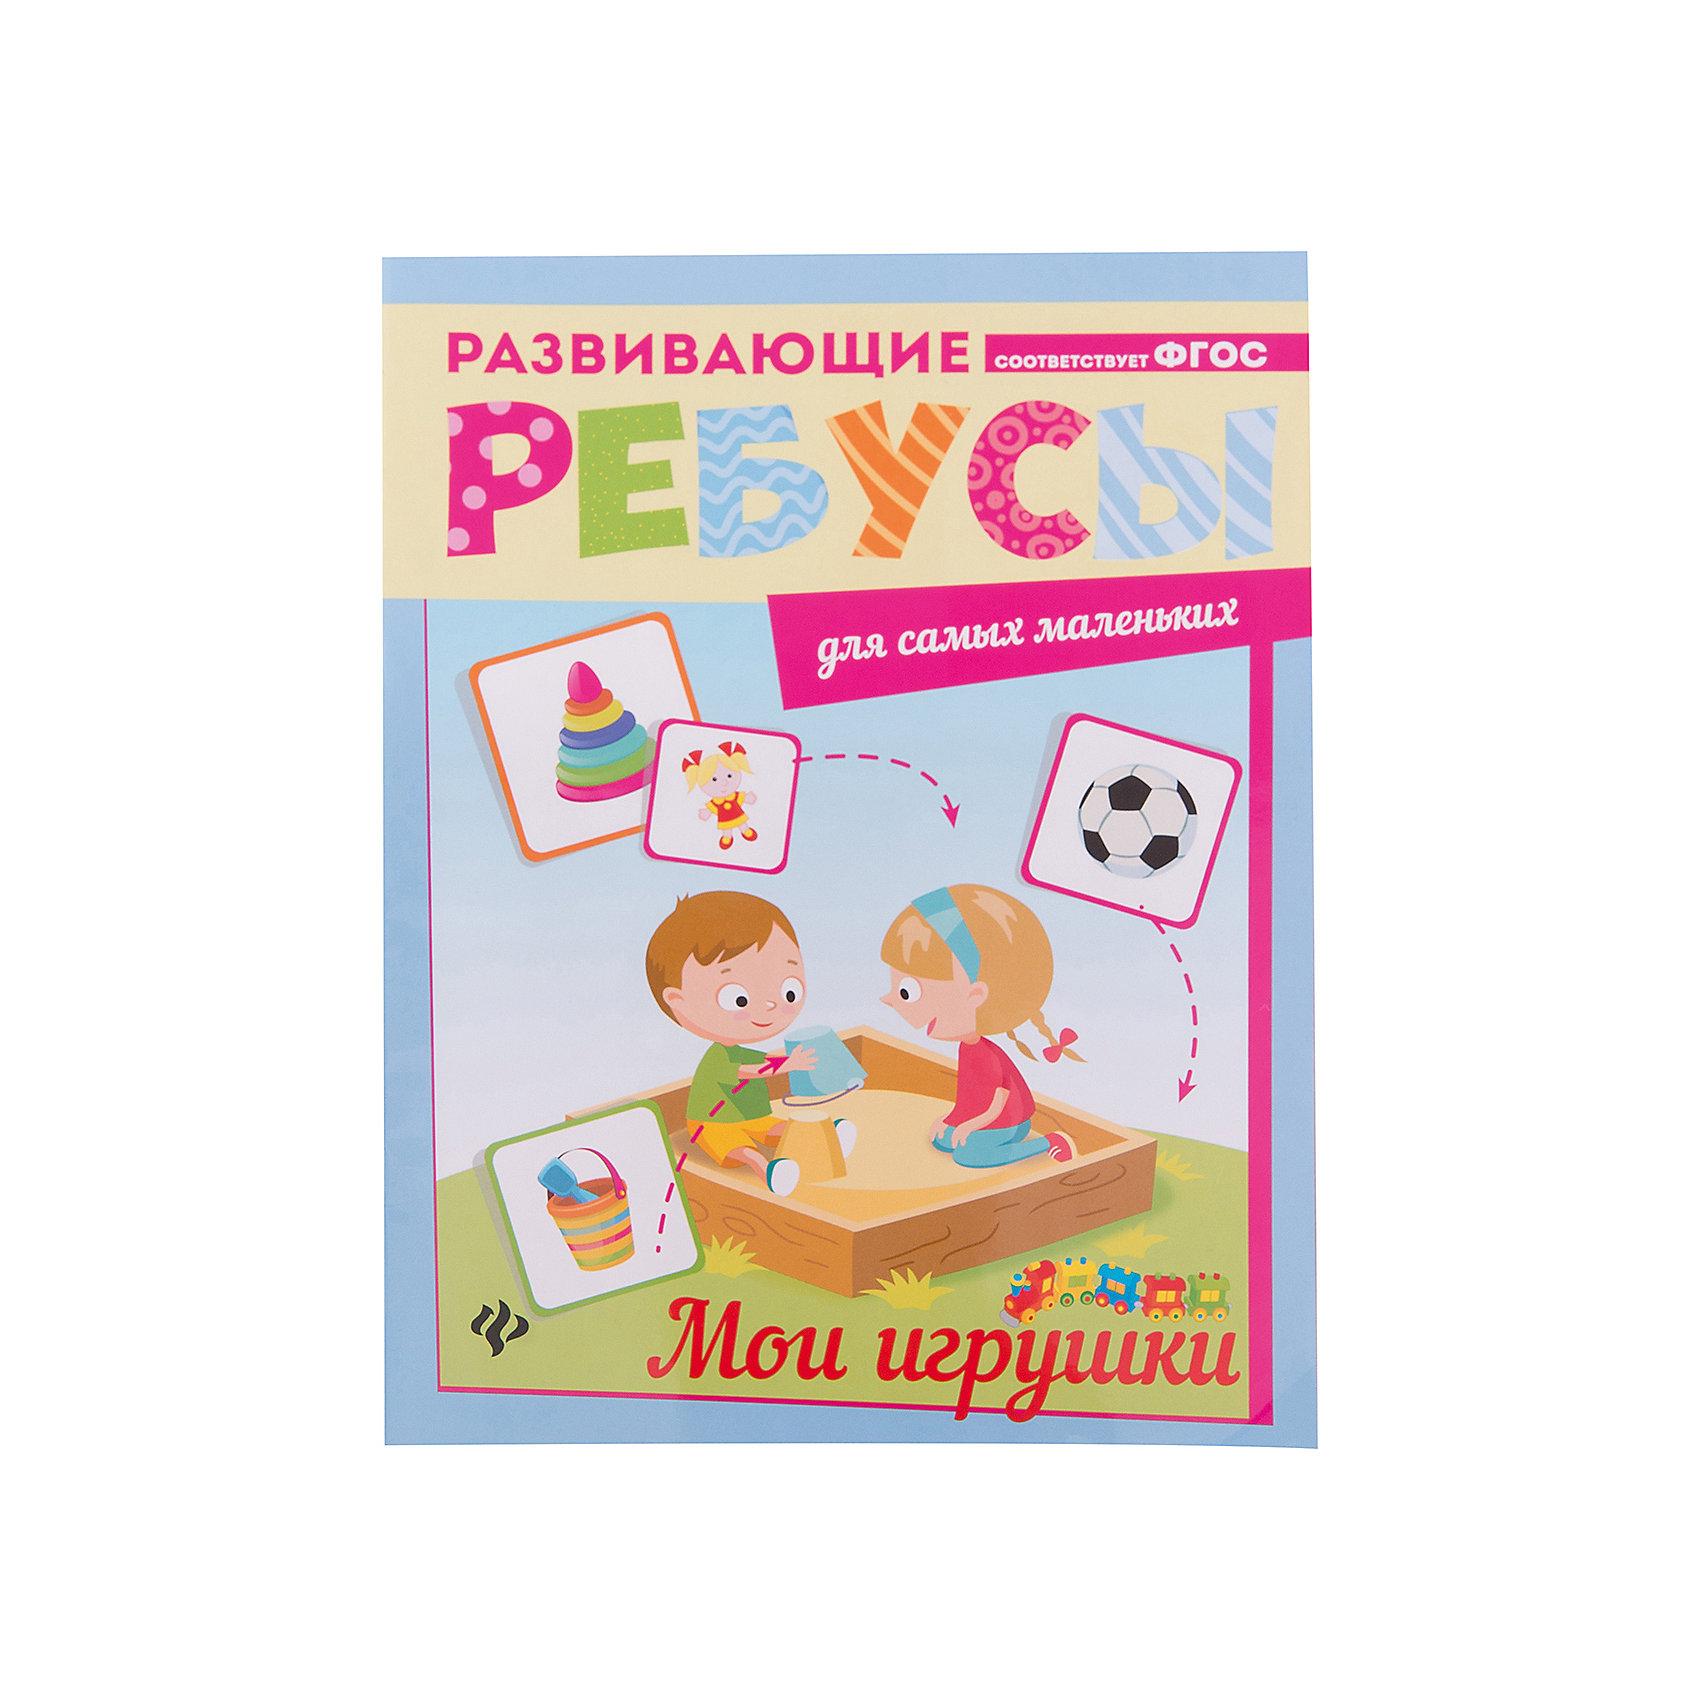 Ребусы Мои игрушкиВикторины, ребусы<br>Ребусы Мои игрушки<br><br>Характеристики:<br><br>• количество страниц: 8<br>• тип обложки: мягкая<br>• ISBN: 978-5-222-28587-9<br>• издательство: Феникс<br>• размер: 26х20 см<br>• материал: бумага<br><br>Ребусы Мои игрушки прекрасно подойдут для обучающих занятий с дошкольниками. Все задания в книге написаны простым и понятным языком, чтобы малыш без труда мог самостоятельно решать задачи. Каждое задание сопровождается яркими иллюстрациями. Книга Мои игрушки поможет ребенку узнать о любимых игрушках и их особенностях, и закрепить свои знания. Малыш сможет сравнивать и классифицировать предметы. А занятия помогут развить воображение, мелкую моторику и логическое мышление.<br><br>Ребусы Мои игрушки вы можете купить в нашем интернет-магазине.<br><br>Ширина мм: 100<br>Глубина мм: 200<br>Высота мм: 260<br>Вес г: 430<br>Возраст от месяцев: 36<br>Возраст до месяцев: 2147483647<br>Пол: Унисекс<br>Возраст: Детский<br>SKU: 5518139